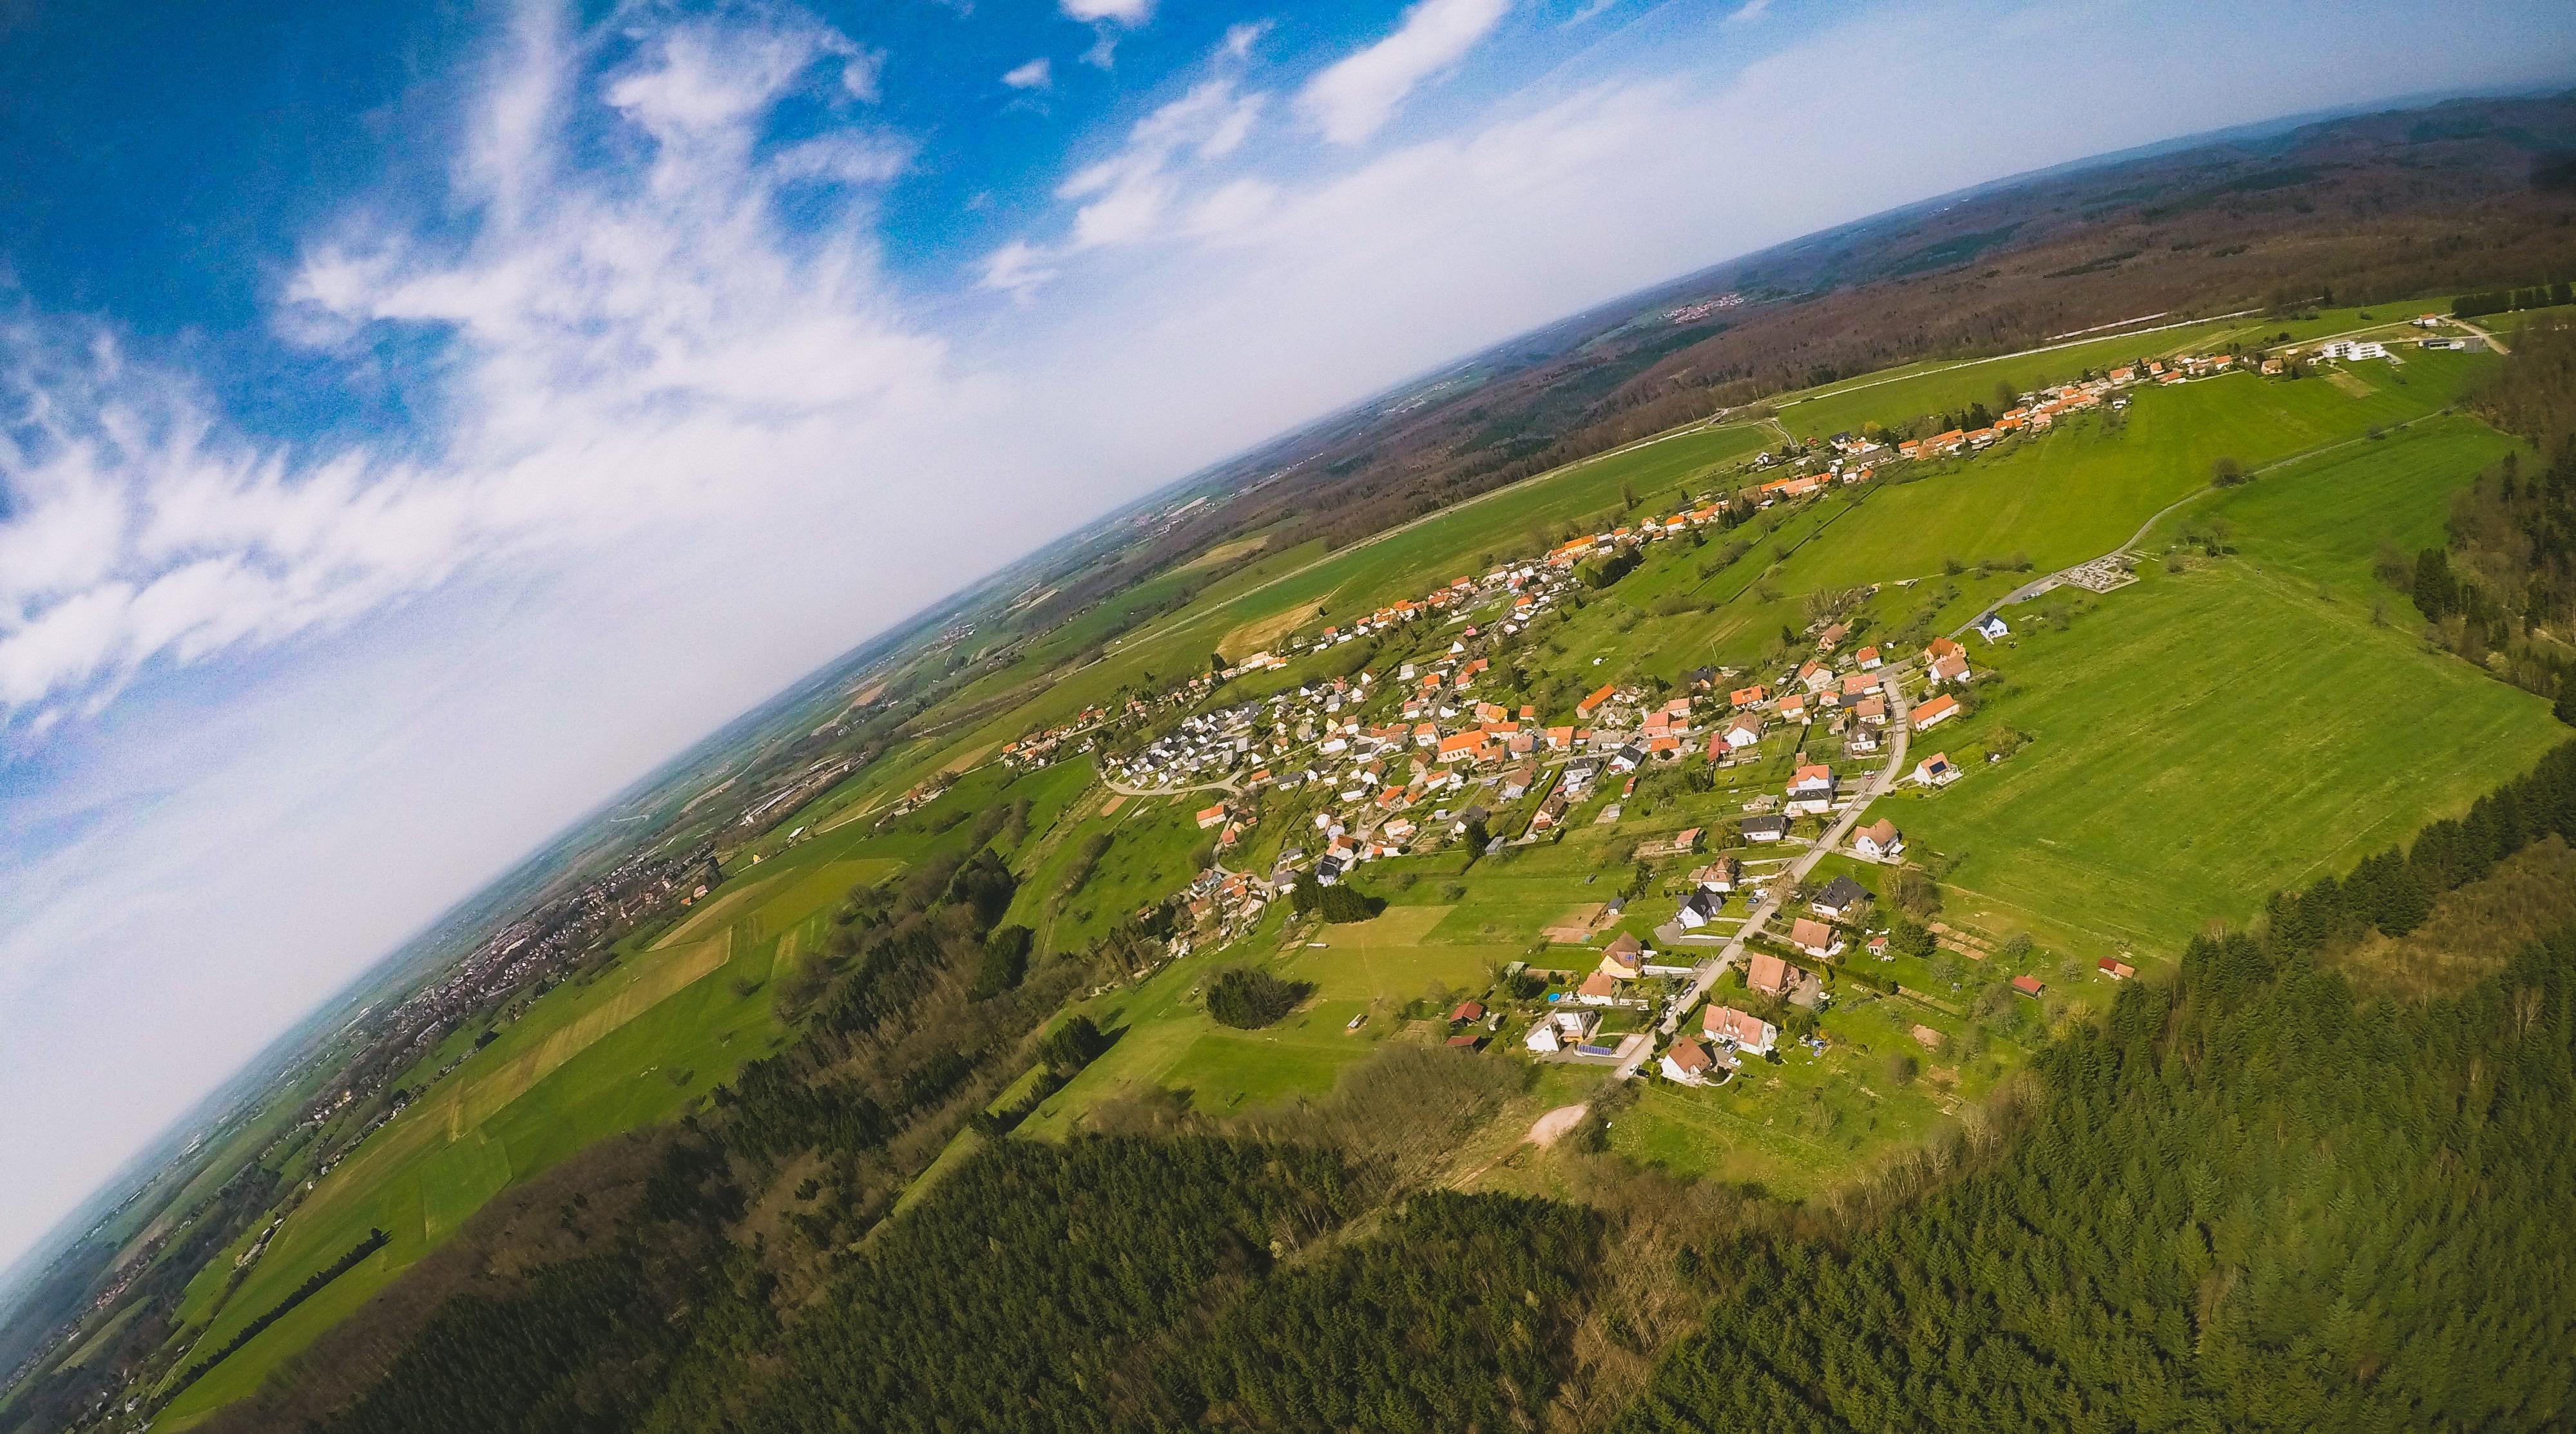 Commune de Danne-et-Quatre-Vents